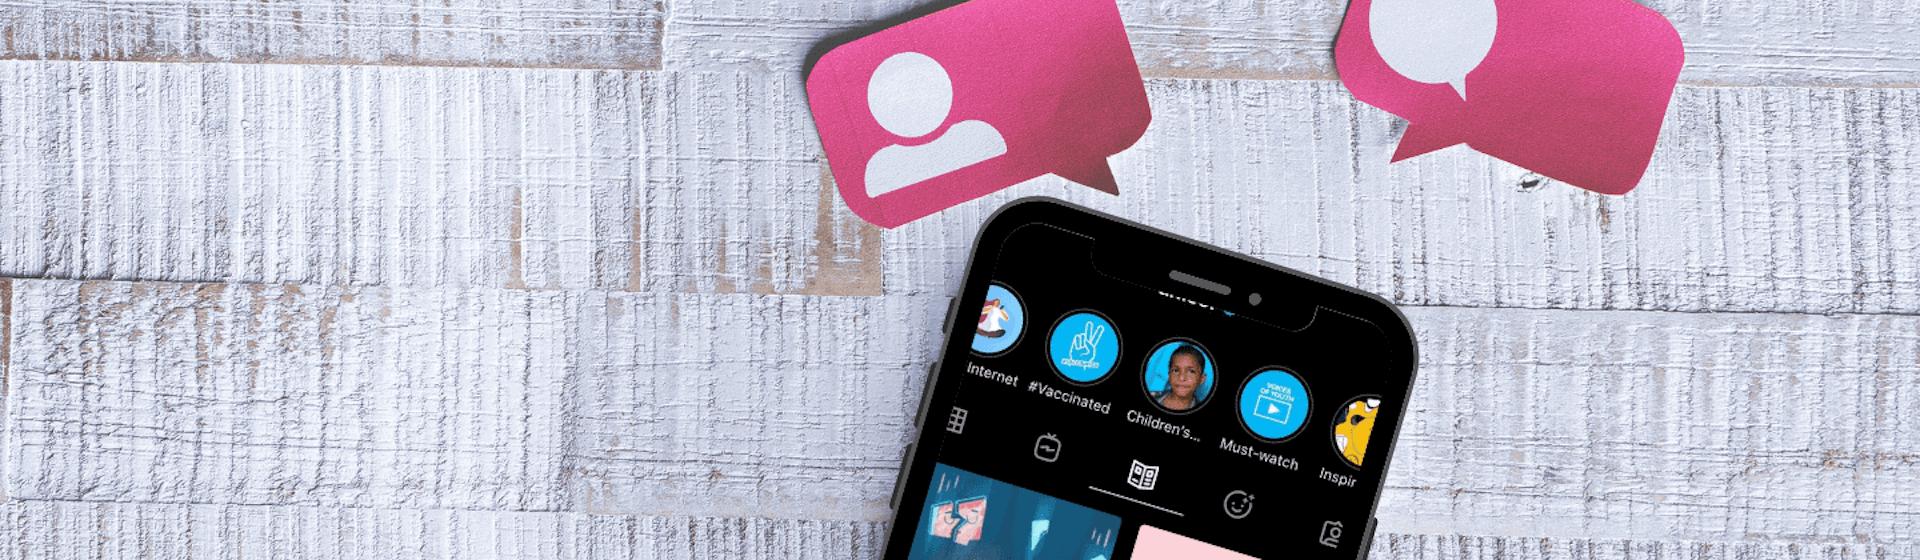 Instagram Guides: ¿cómo potenciar tus contenidos en 7 simples pasos?